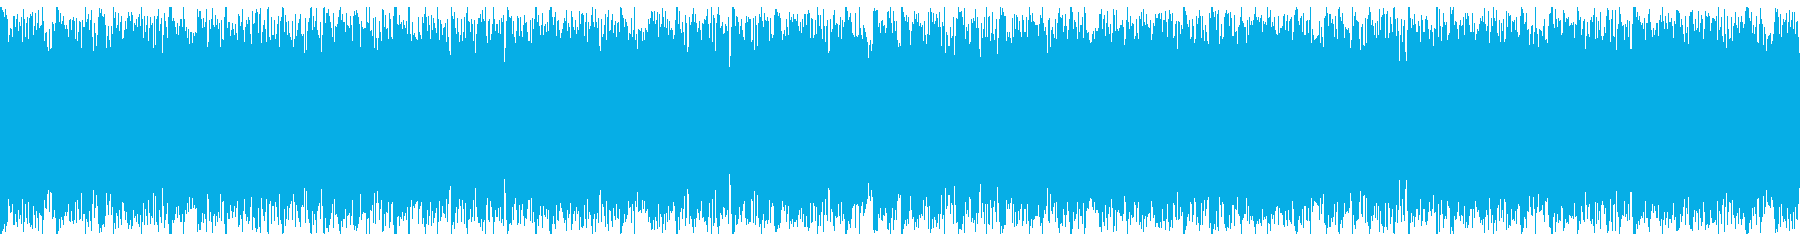 疾走感のあるSFの戦闘曲-ループ1の再生済みの波形